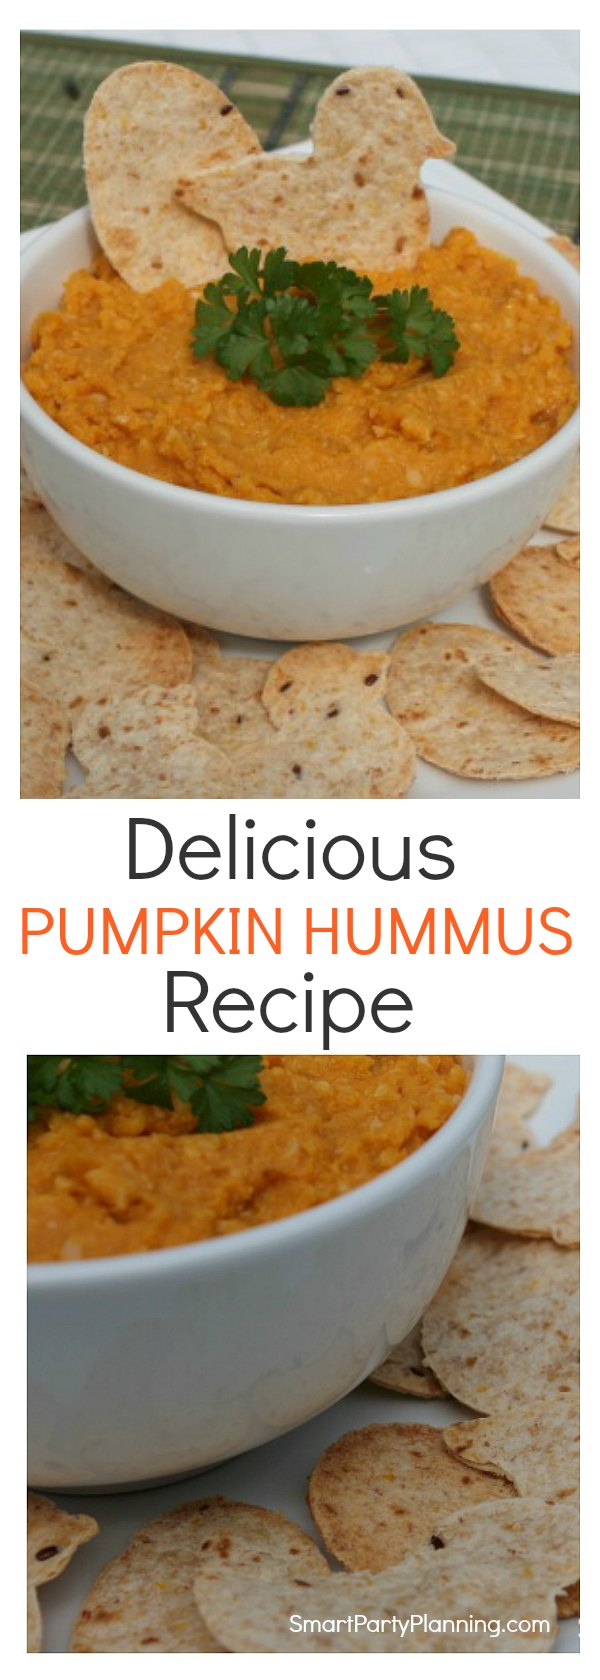 Delicious Pumpkin Hummus Recipe